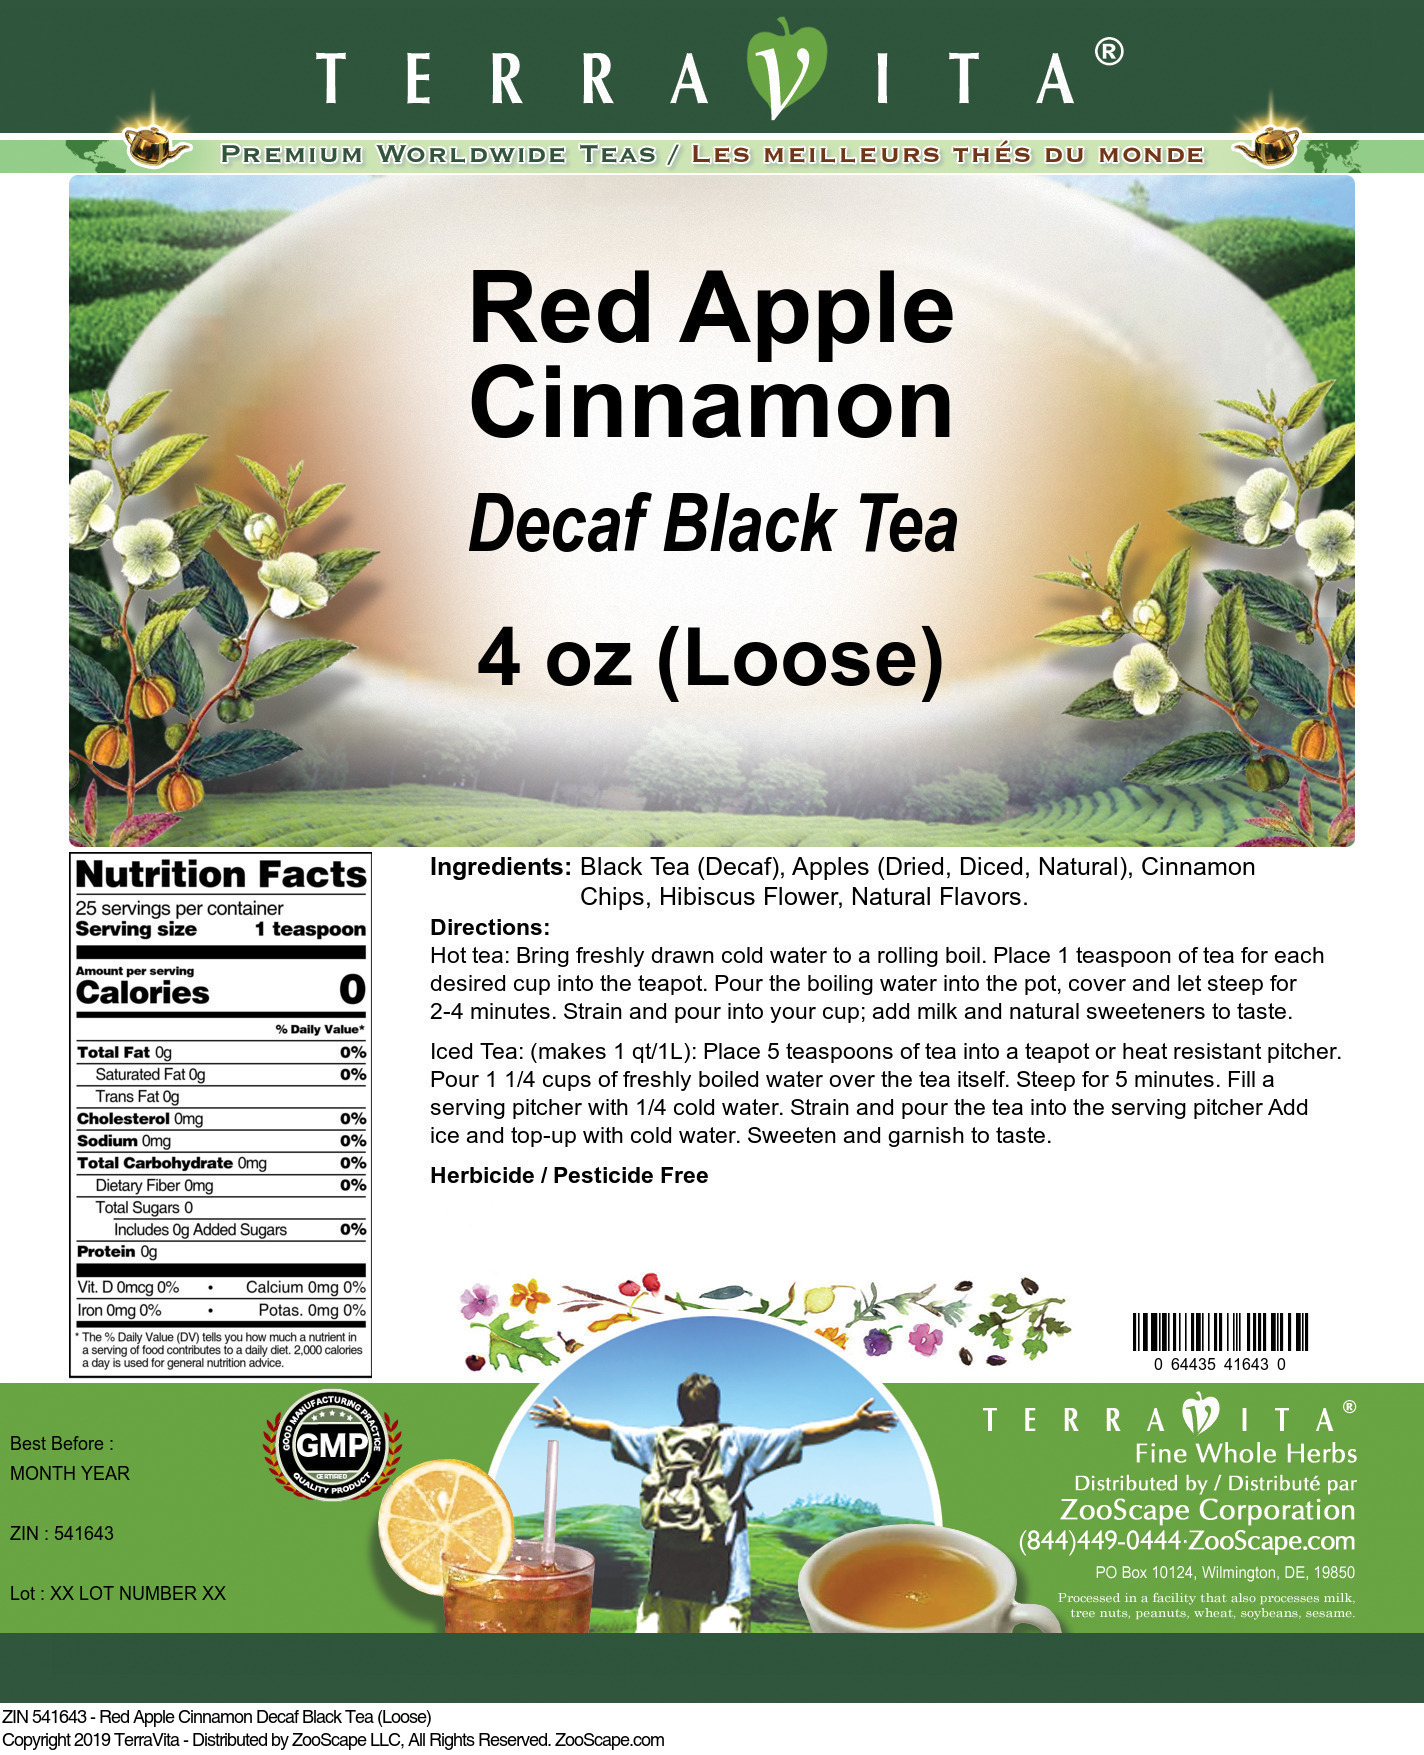 Red Apple Cinnamon Decaf Black Tea (Loose)